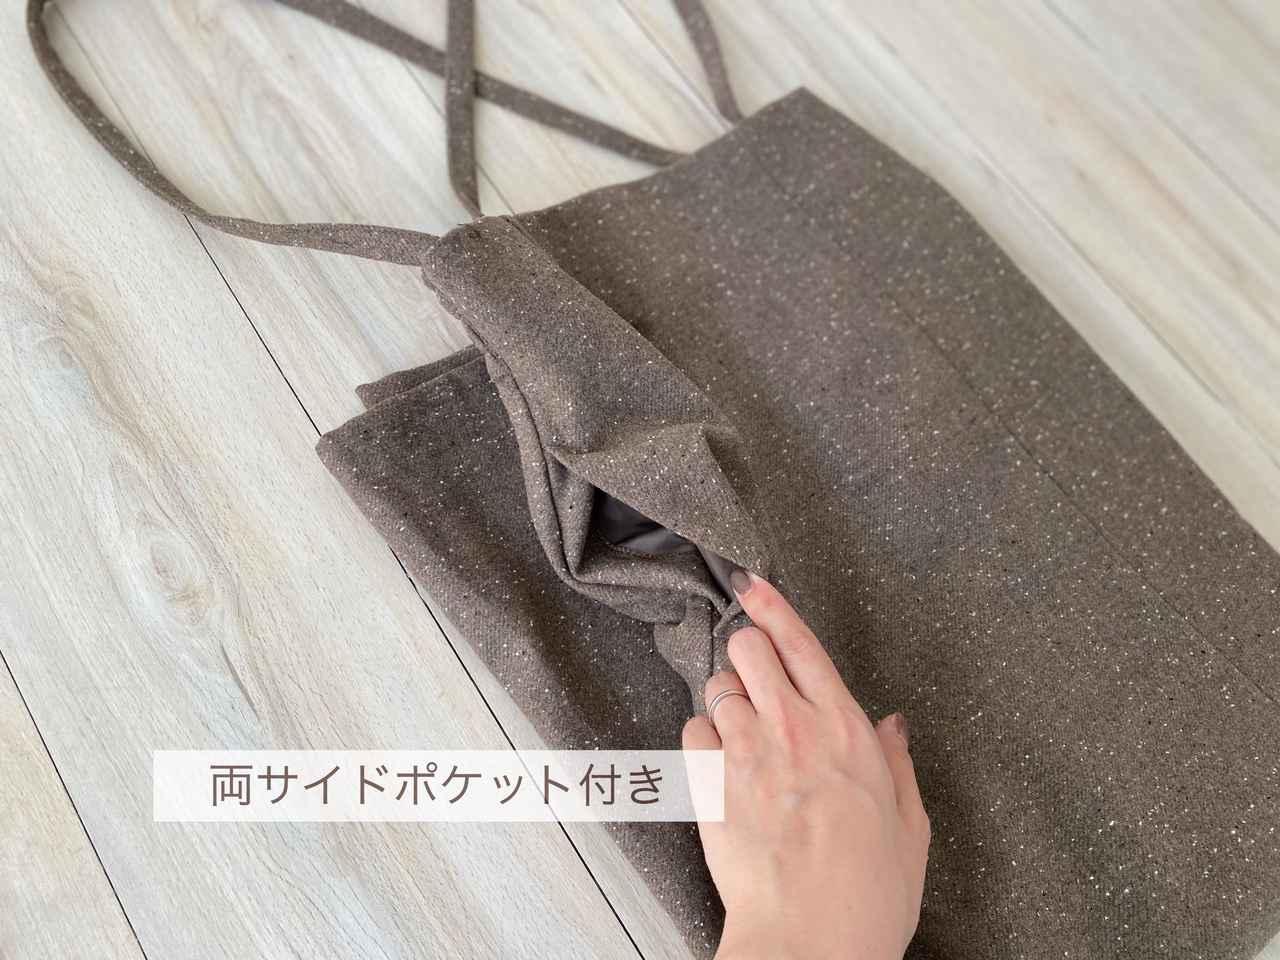 画像3: 【しまむら】争奪戦!?本日発売の新作を1万円分購入!【広告の品】